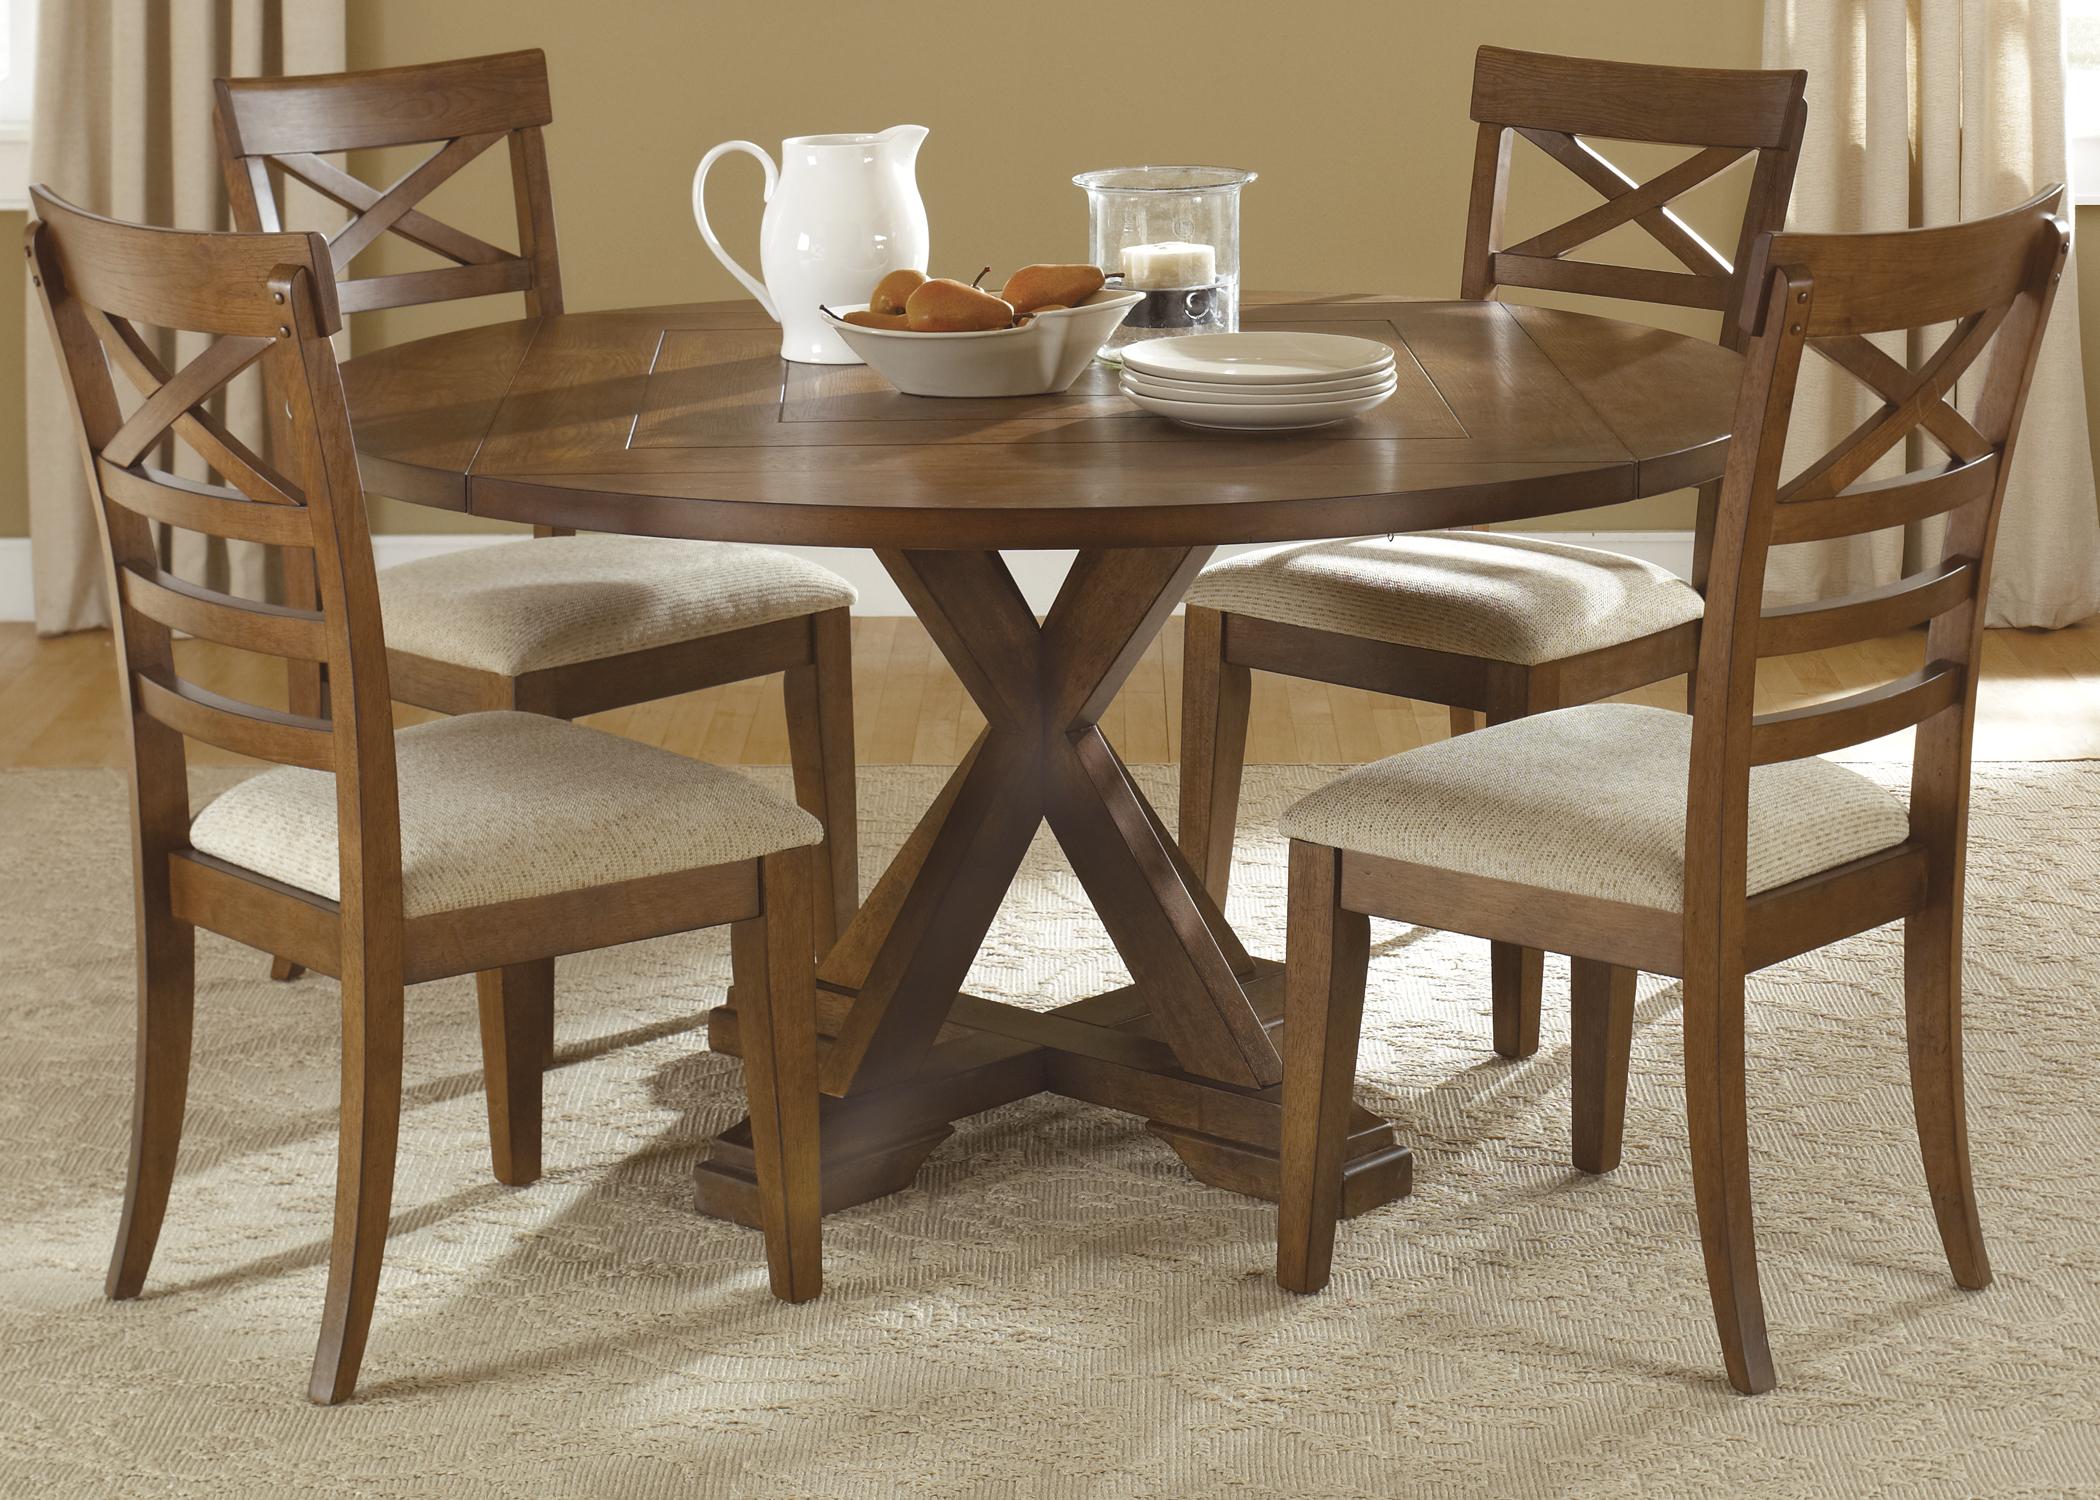 Liberty Furniture Bunker Hill 5 Piece Pedestal Table Set  - Item Number: 382-DR-O5PDS